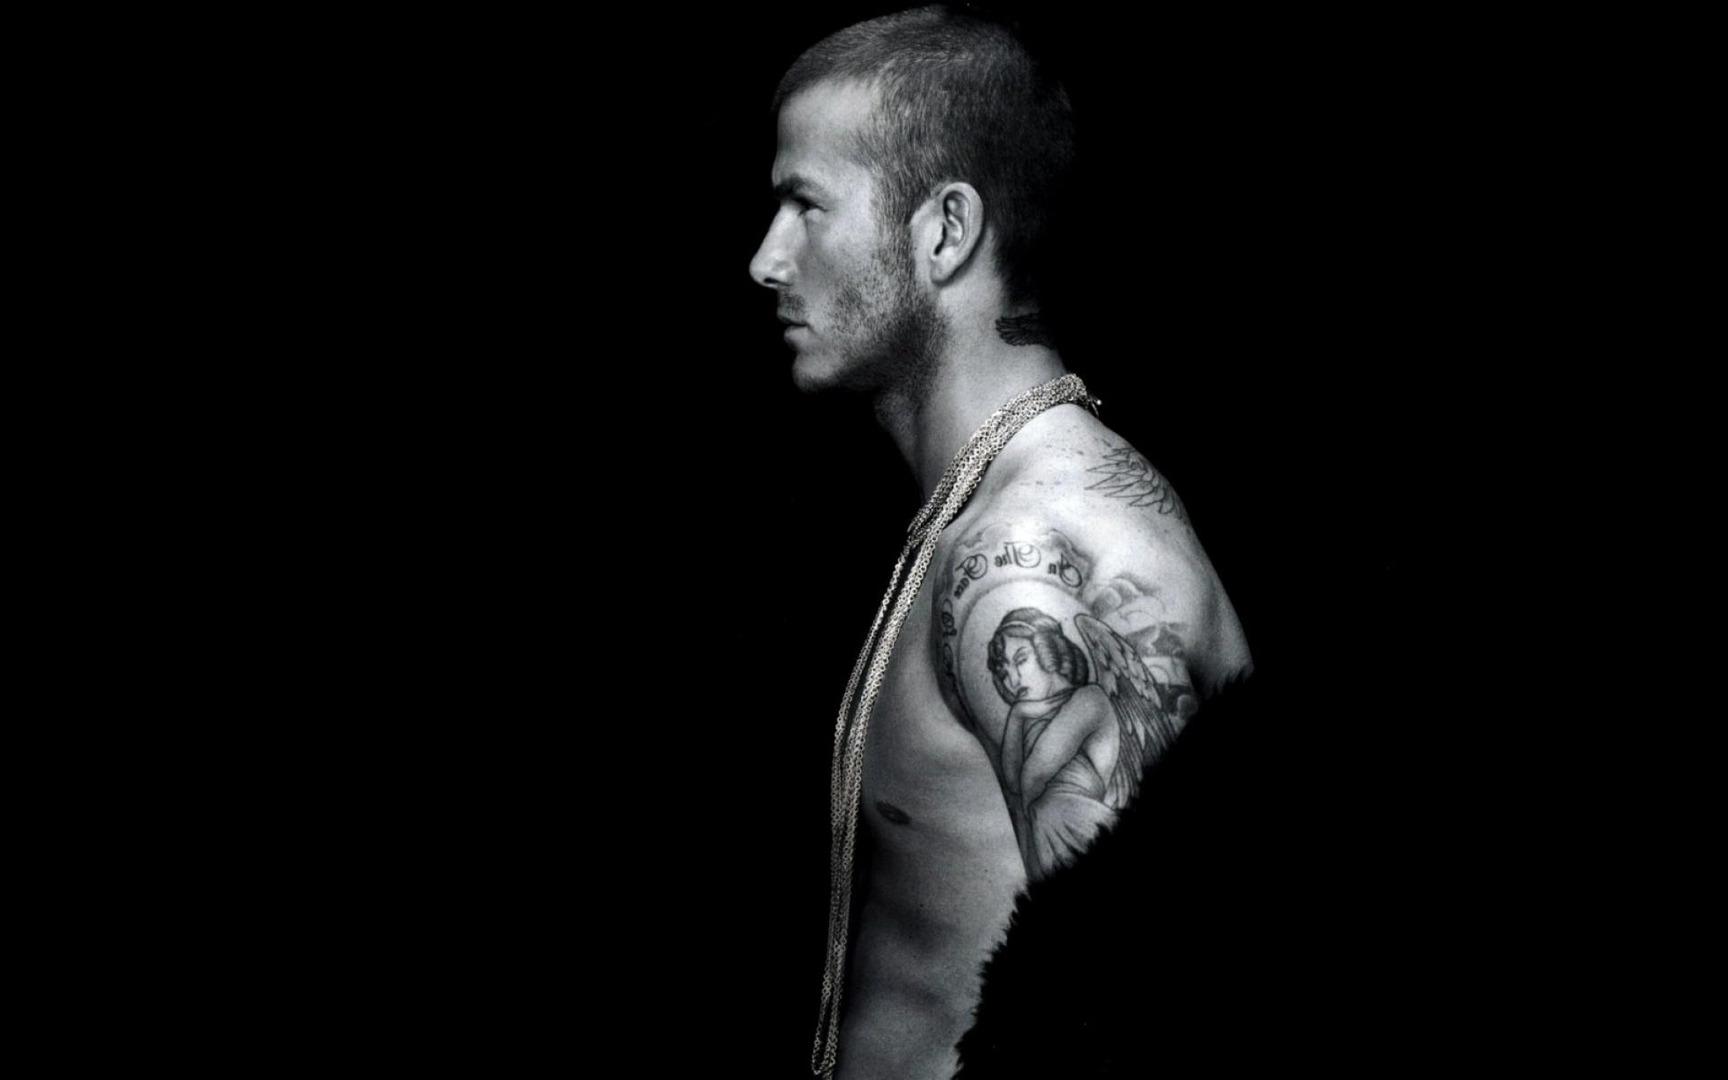 David Beckham Wallpapers   Wallpaper High Definition 1728x1080